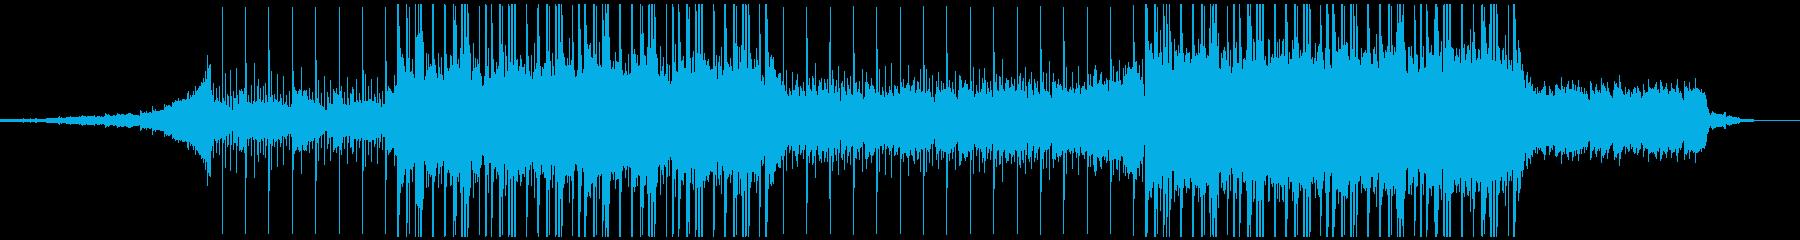 幻想的、ダークの再生済みの波形